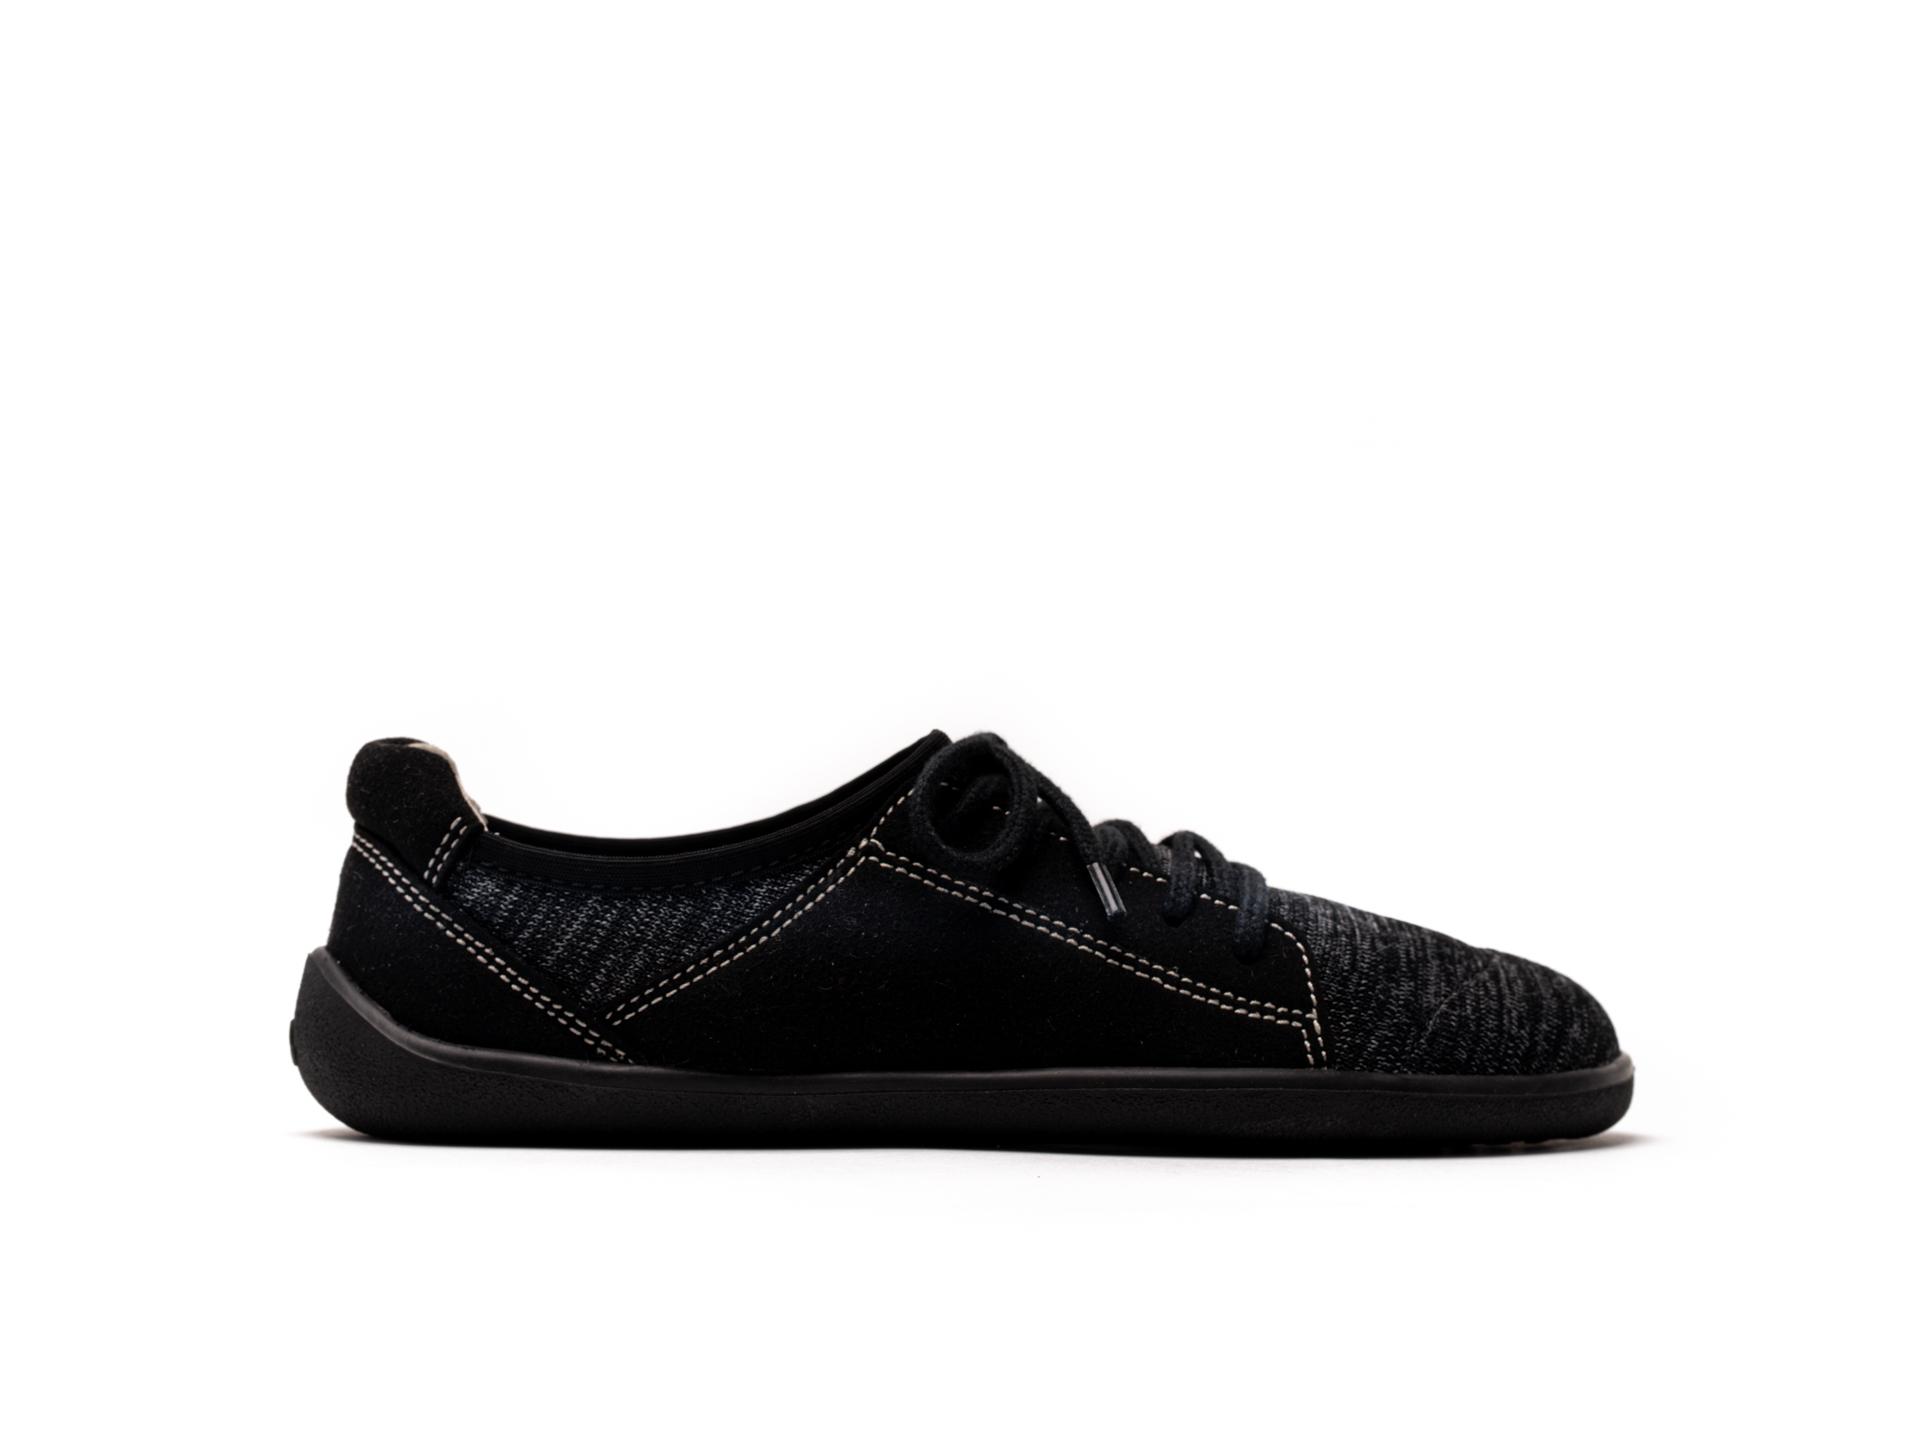 Barefoot Sneakers Be Lenka Ace - All Black 41